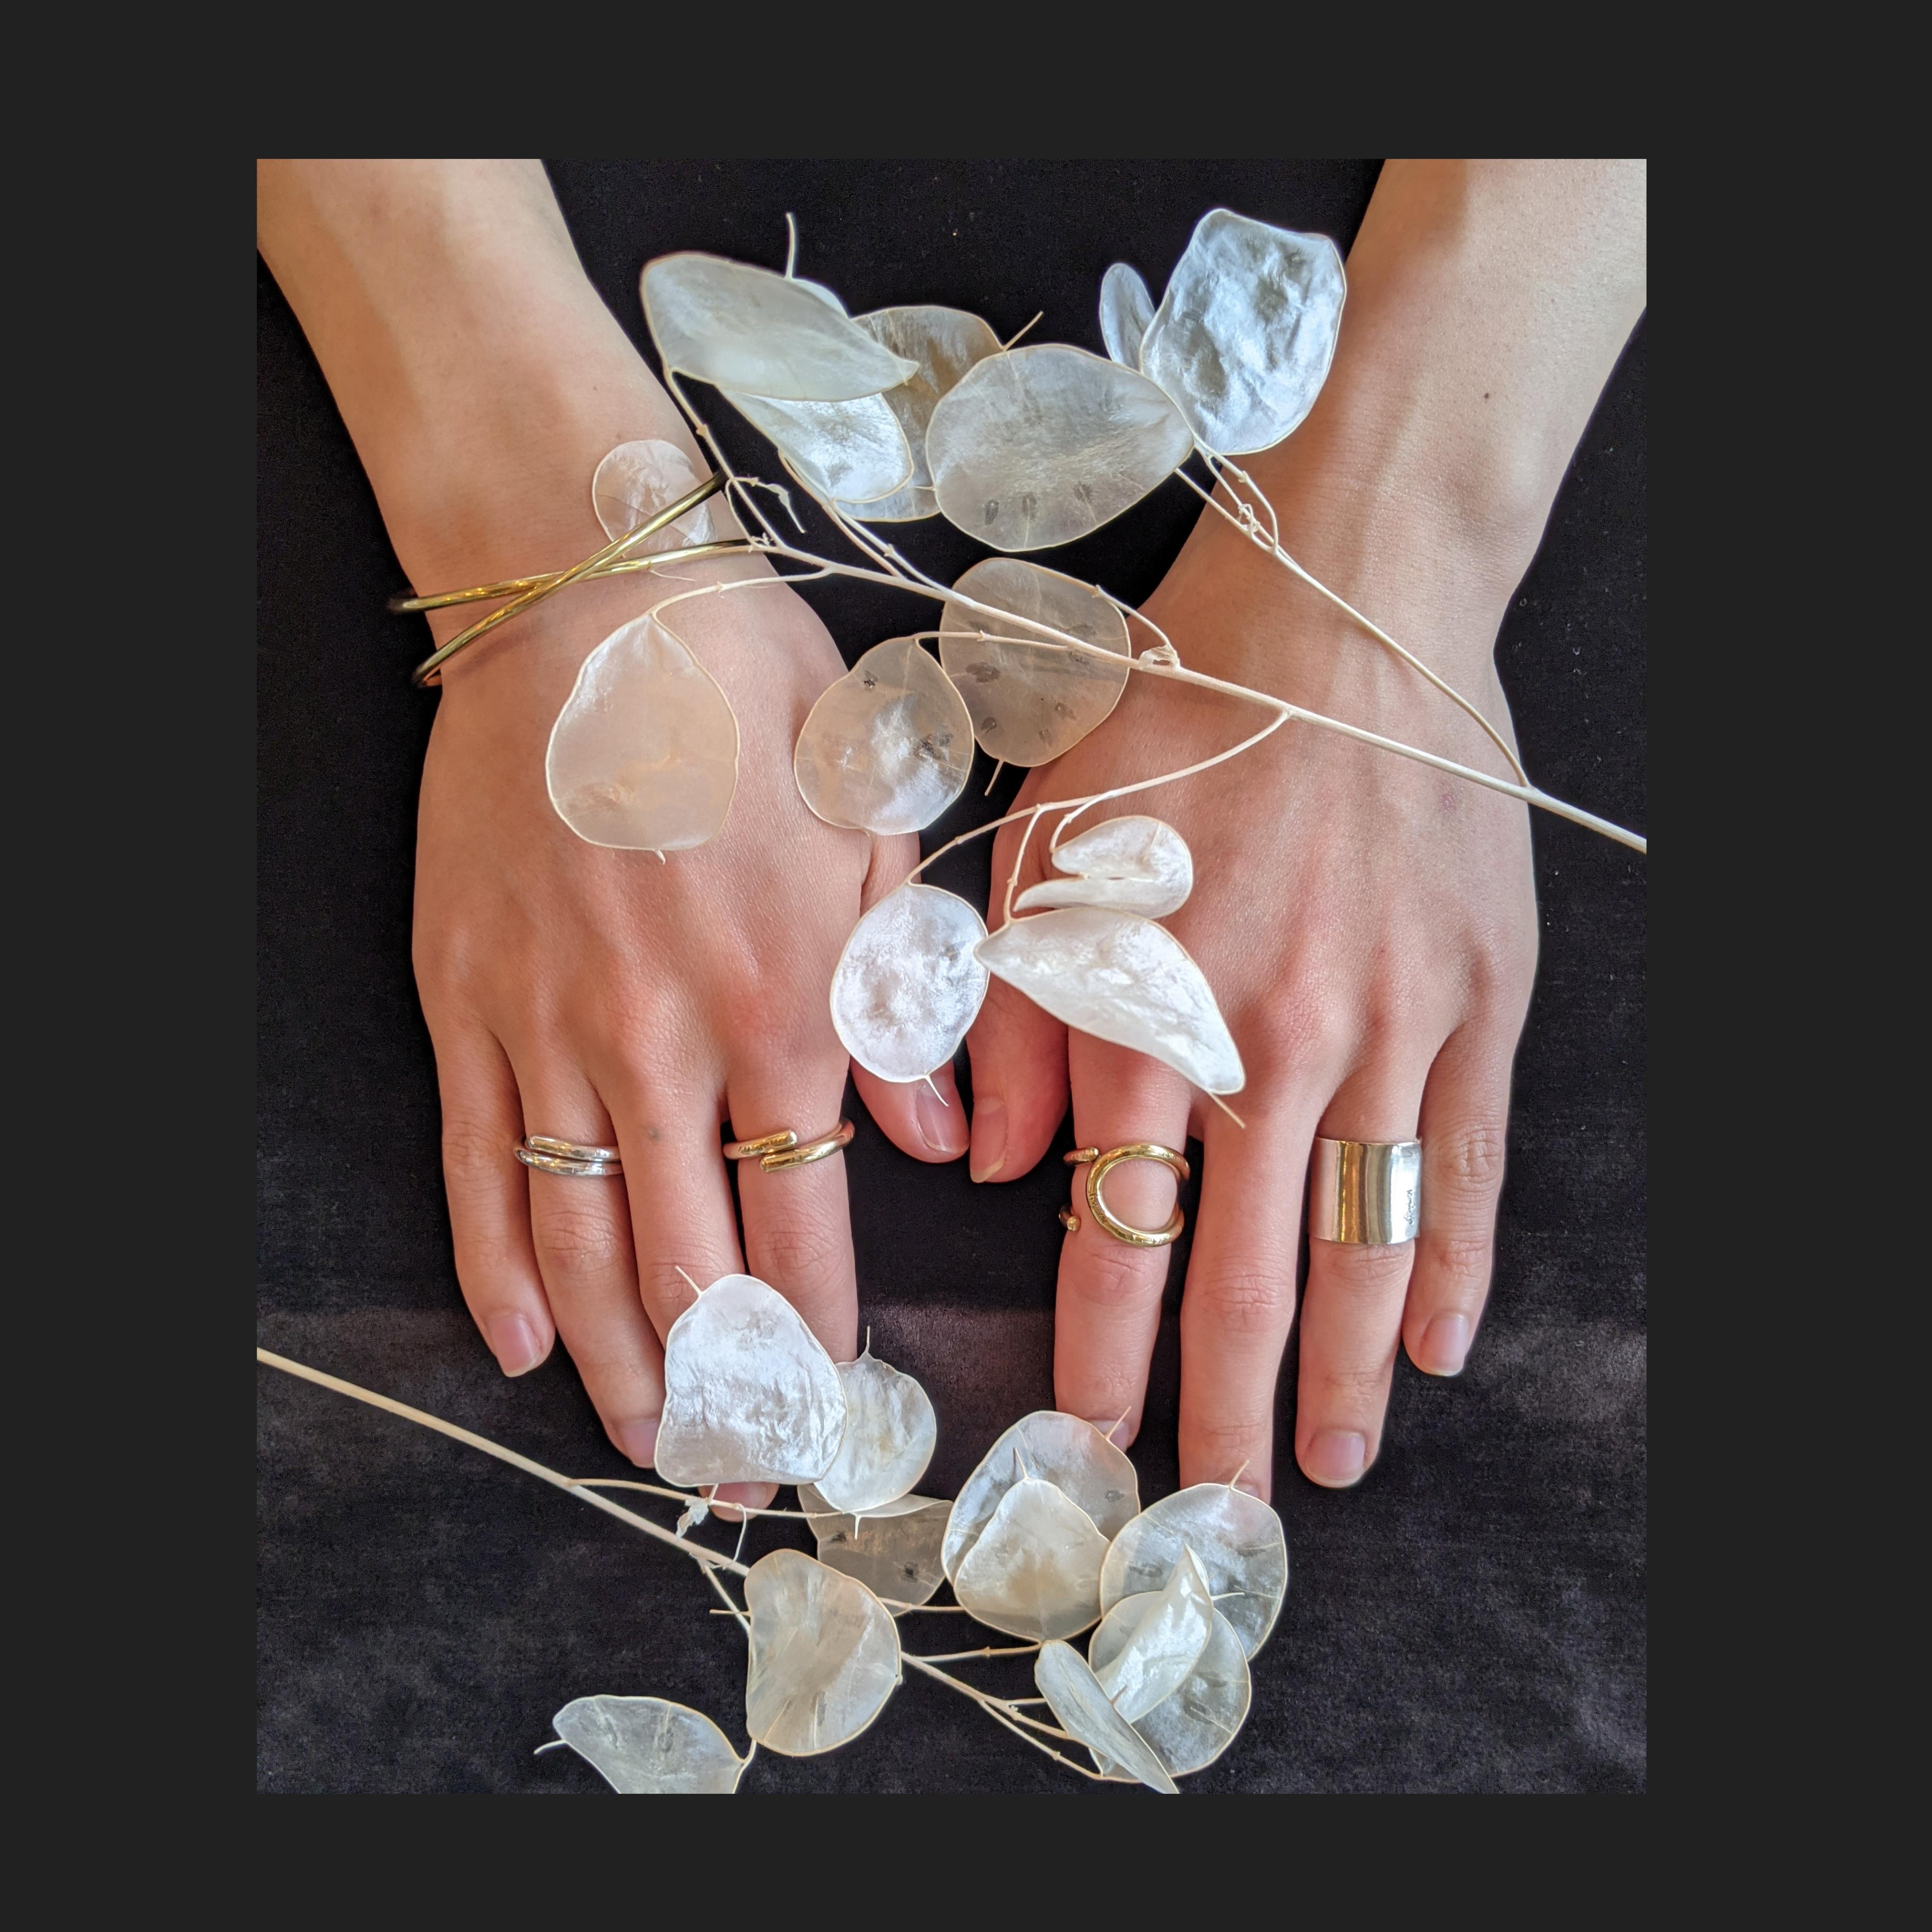 2本set ring【 jomathwich 】brass × silver  / R-19 /  真鍮 × 銀 リング/ 指輪 / 13号サイズ